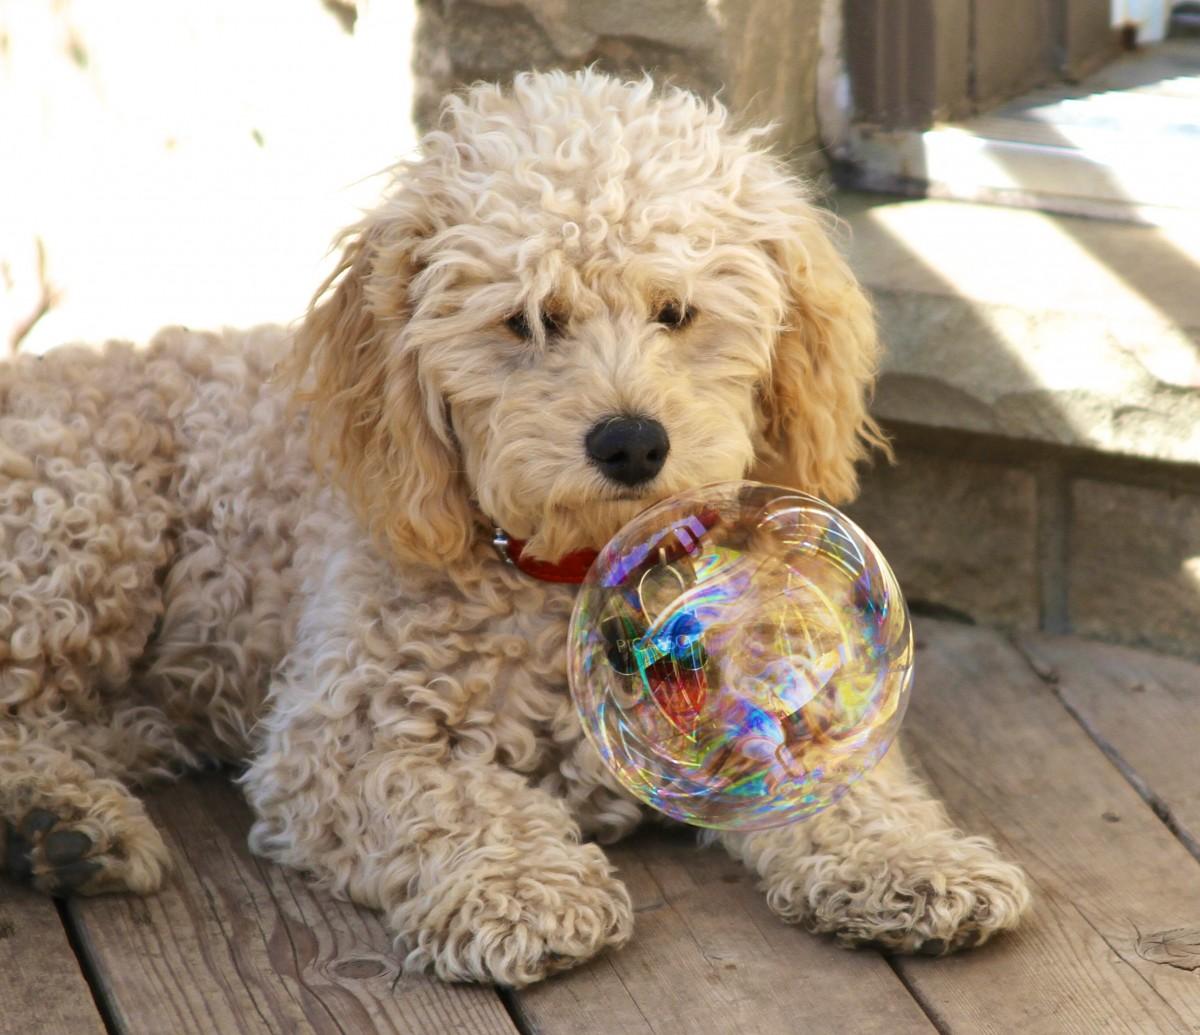 Free Images Vertebrate Dog Breed Cavapoo Miniature